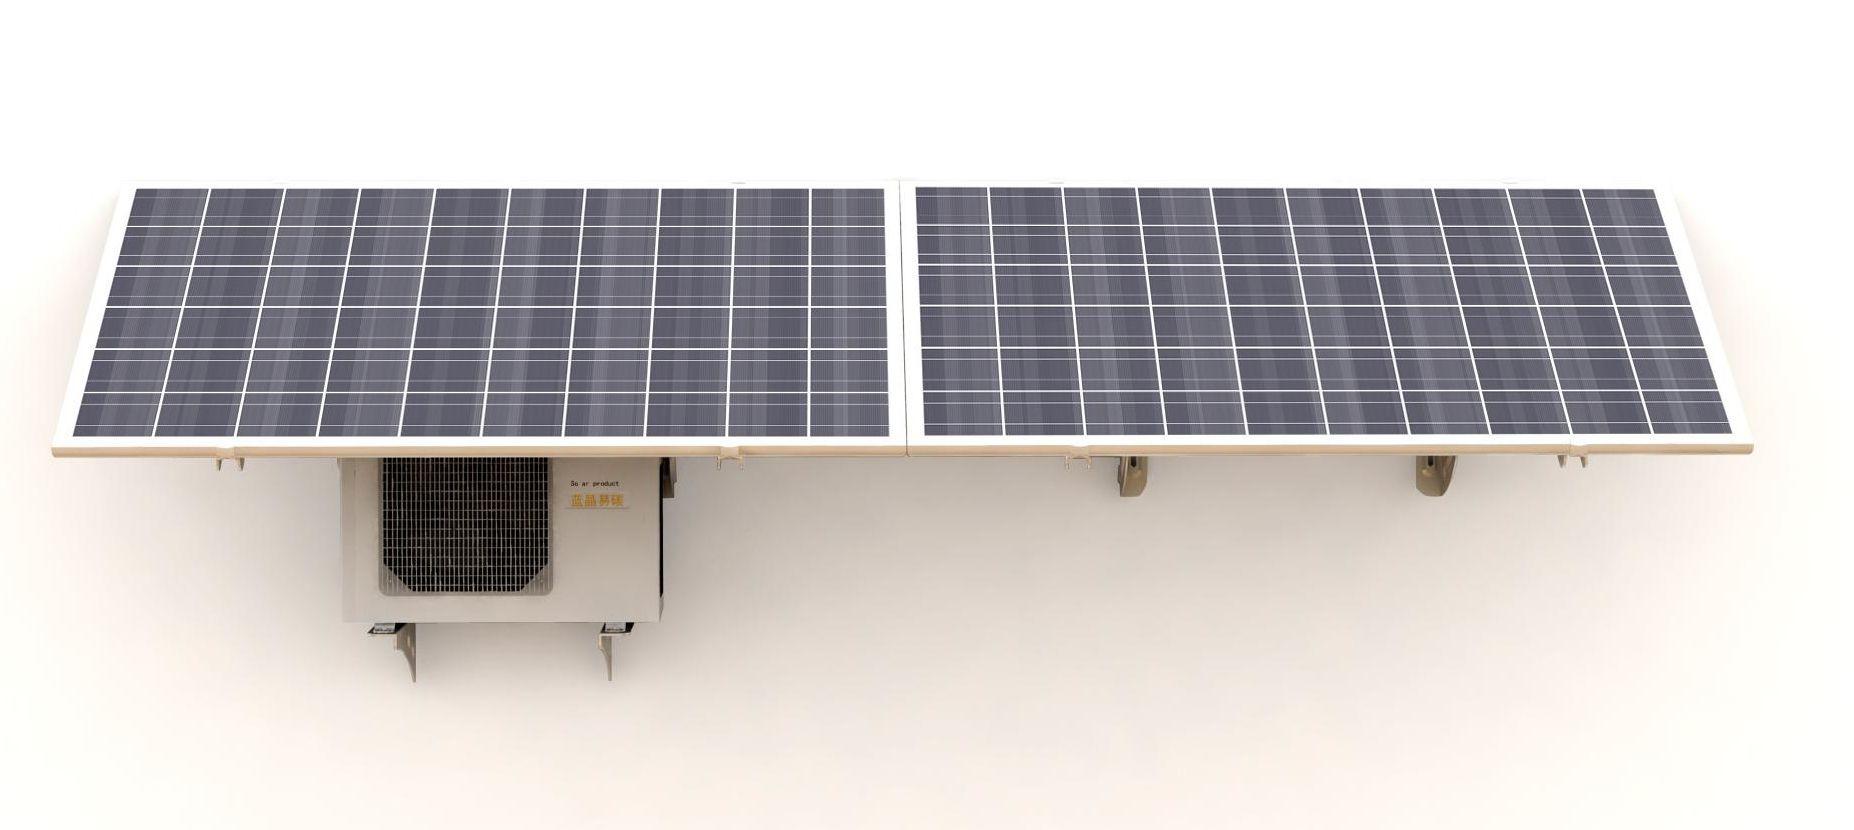 格力太阳能空调—格力太阳能空调的工作原理及技术特点介绍